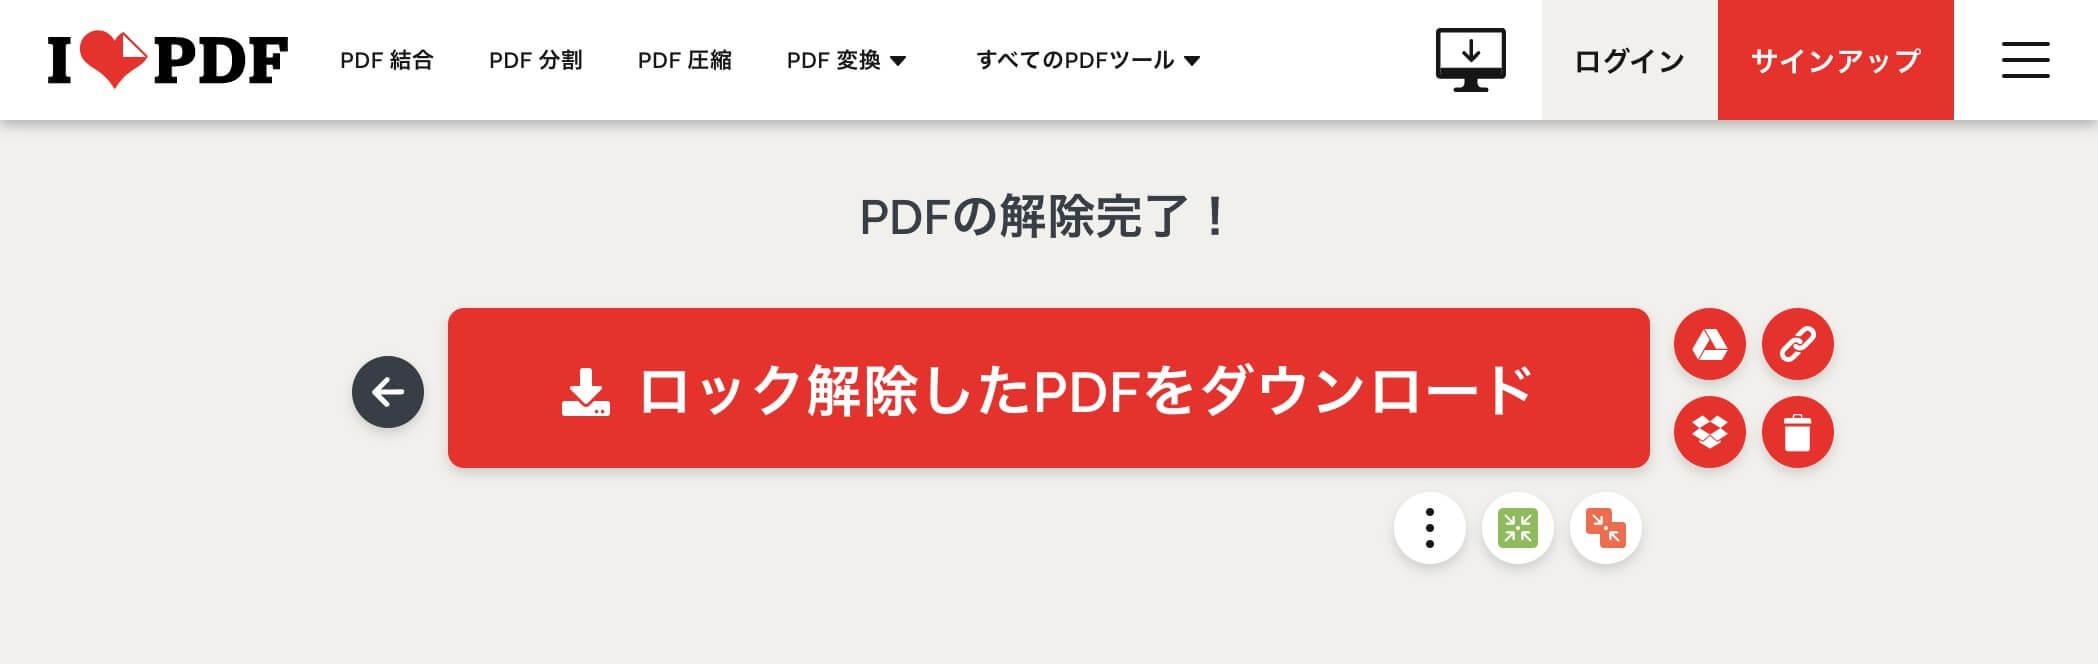 解除 pdf パスワード